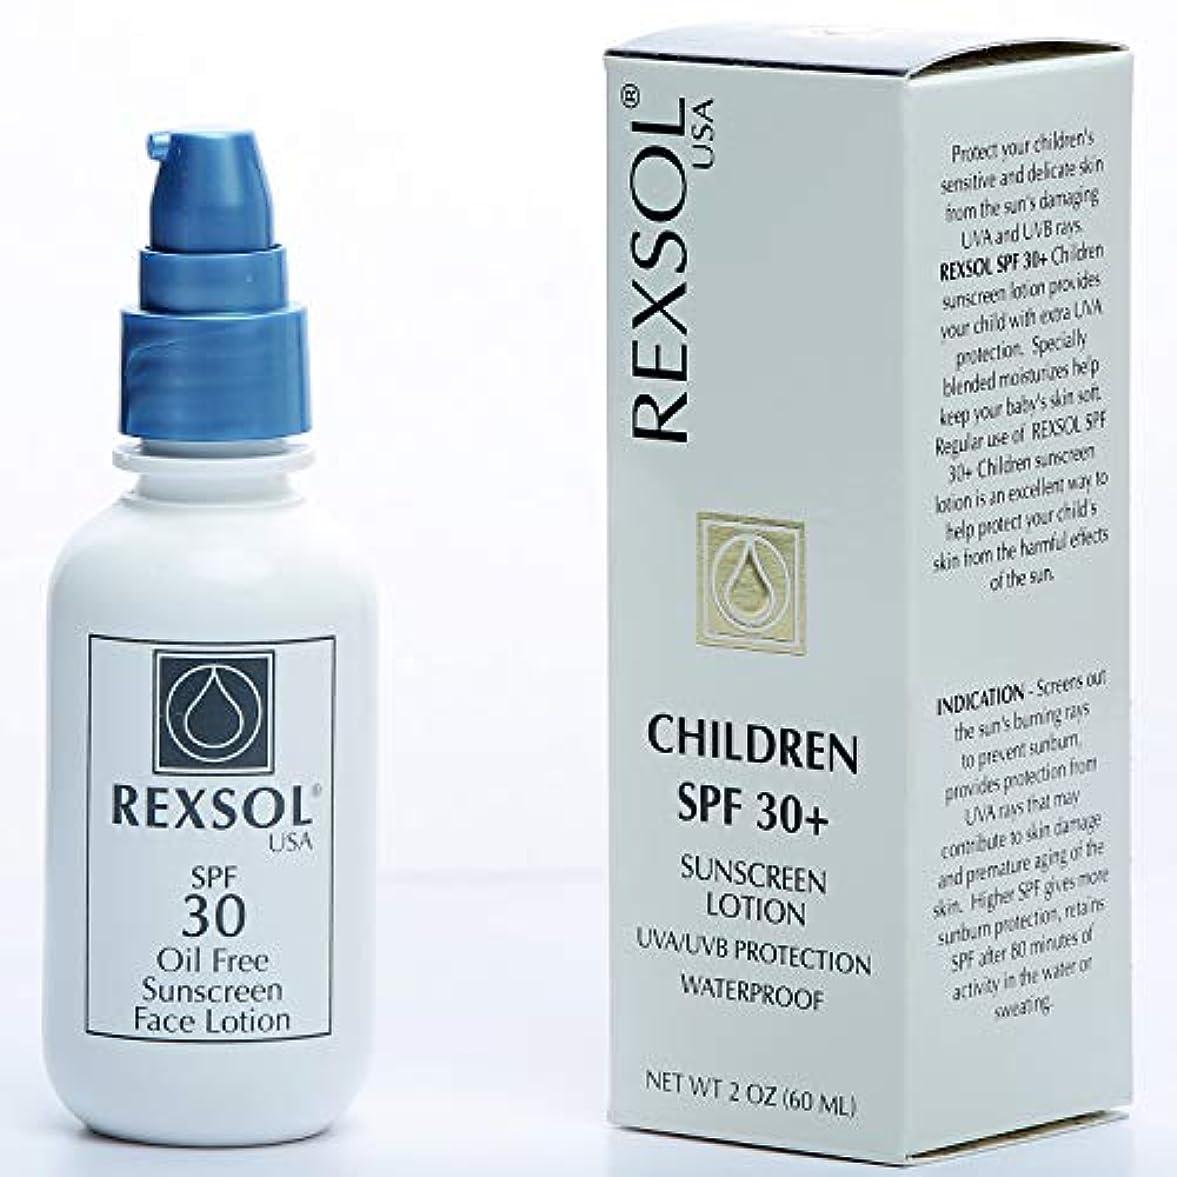 スライム純粋な武器REXSOL子供SPF 30 +日焼け止めUVA/UVB保護防水| ビタミンA、C、Eおよび天然植物抽出物を豊富に含む| 保湿剤と抗酸化剤。 (60ml / 2フロート)